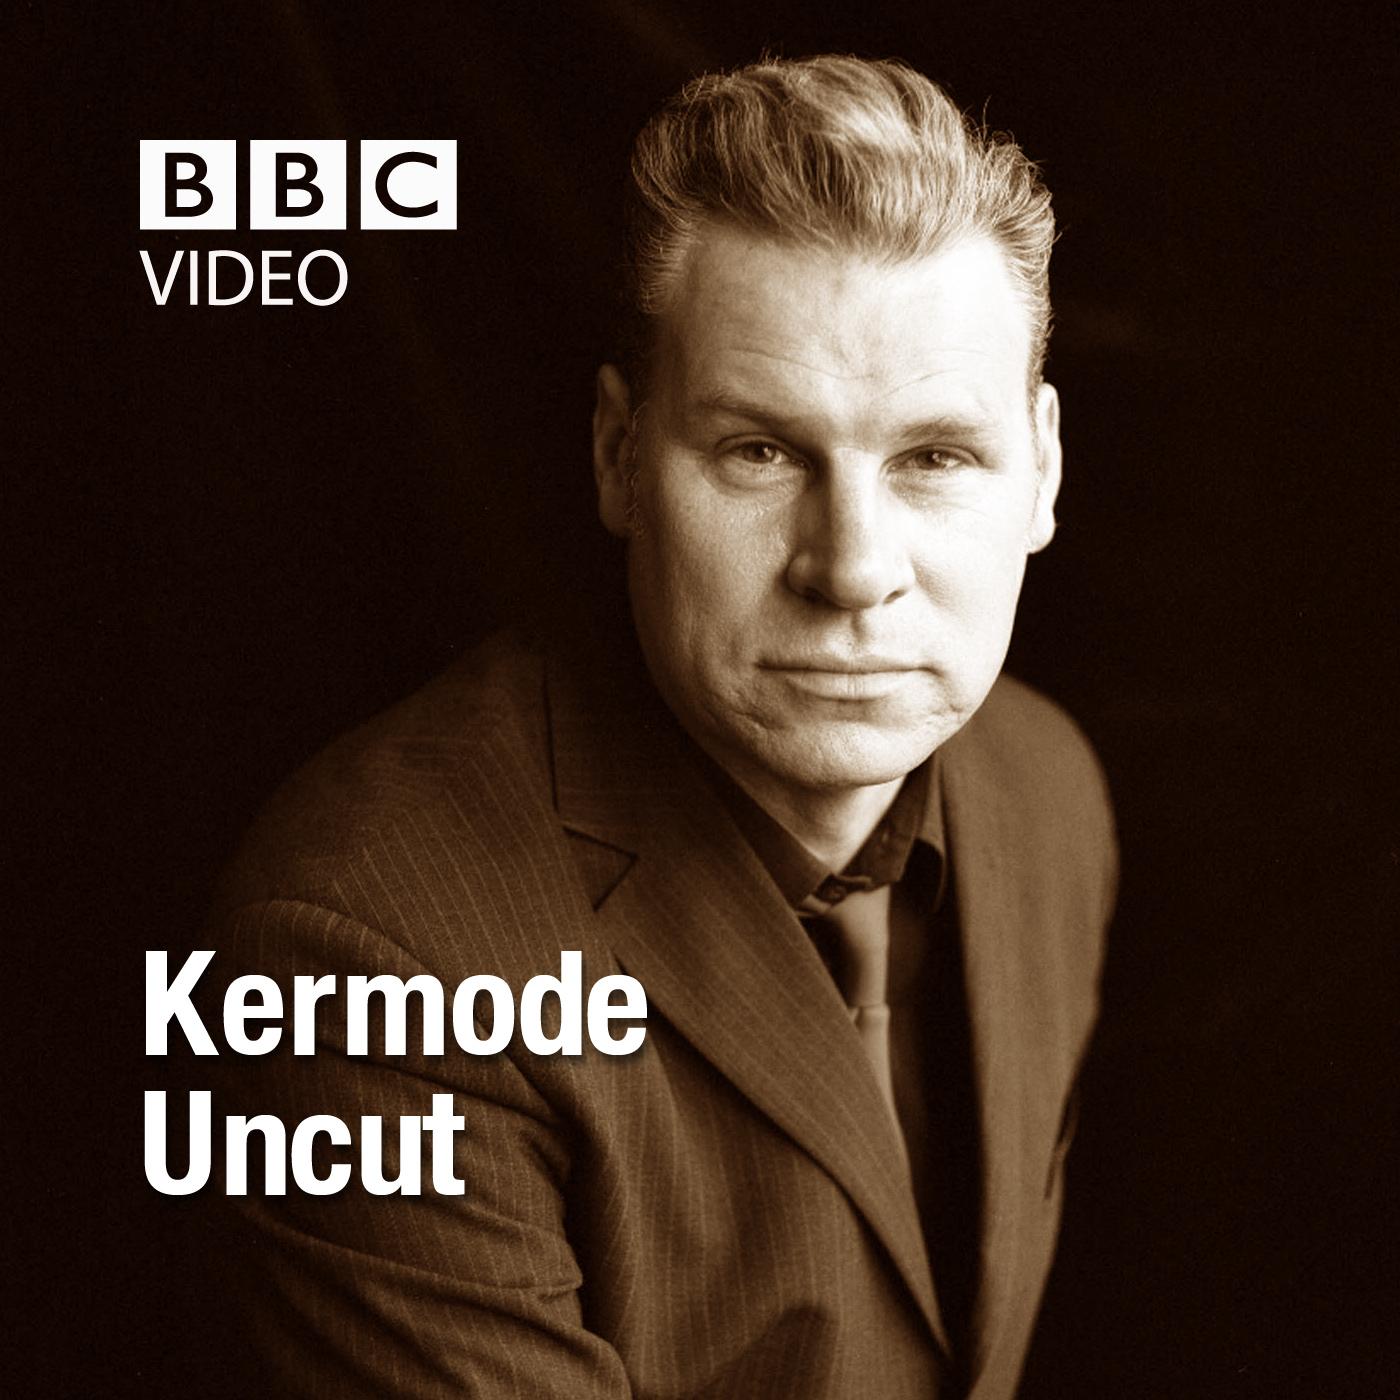 Kermode Uncut